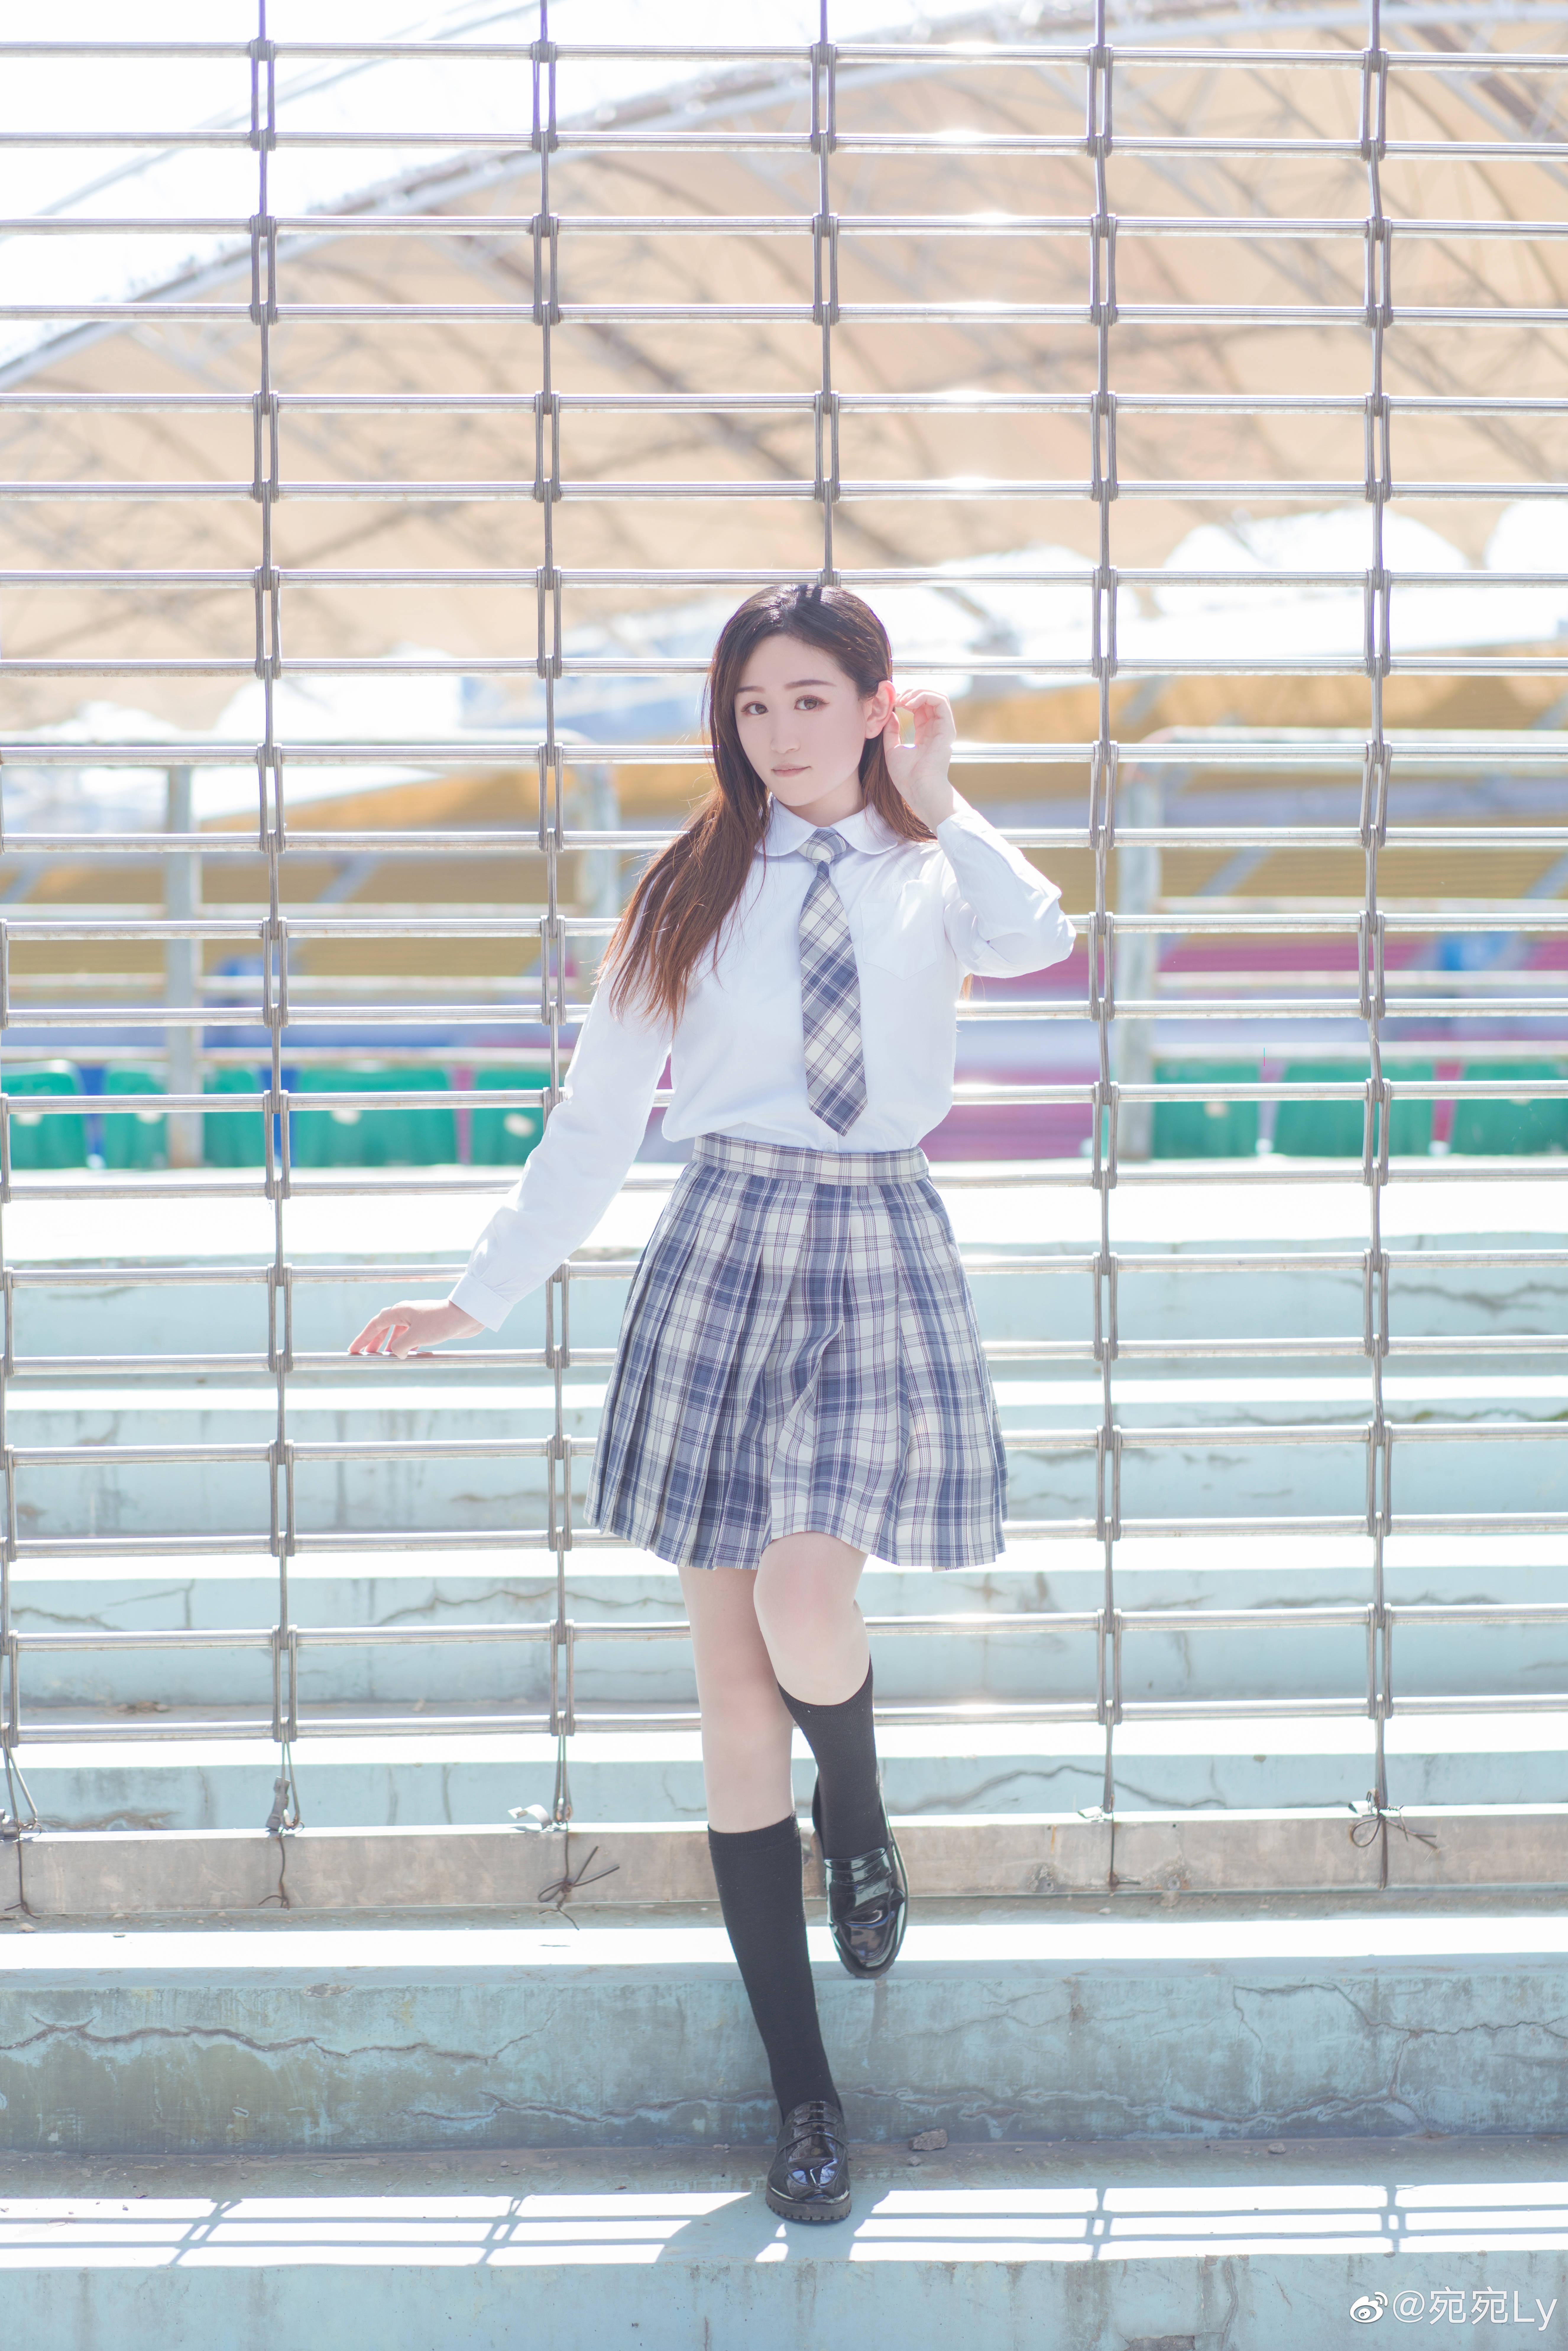 [JK写真]好想看你穿jk的样子 @宛宛Ly 时尚-第9张